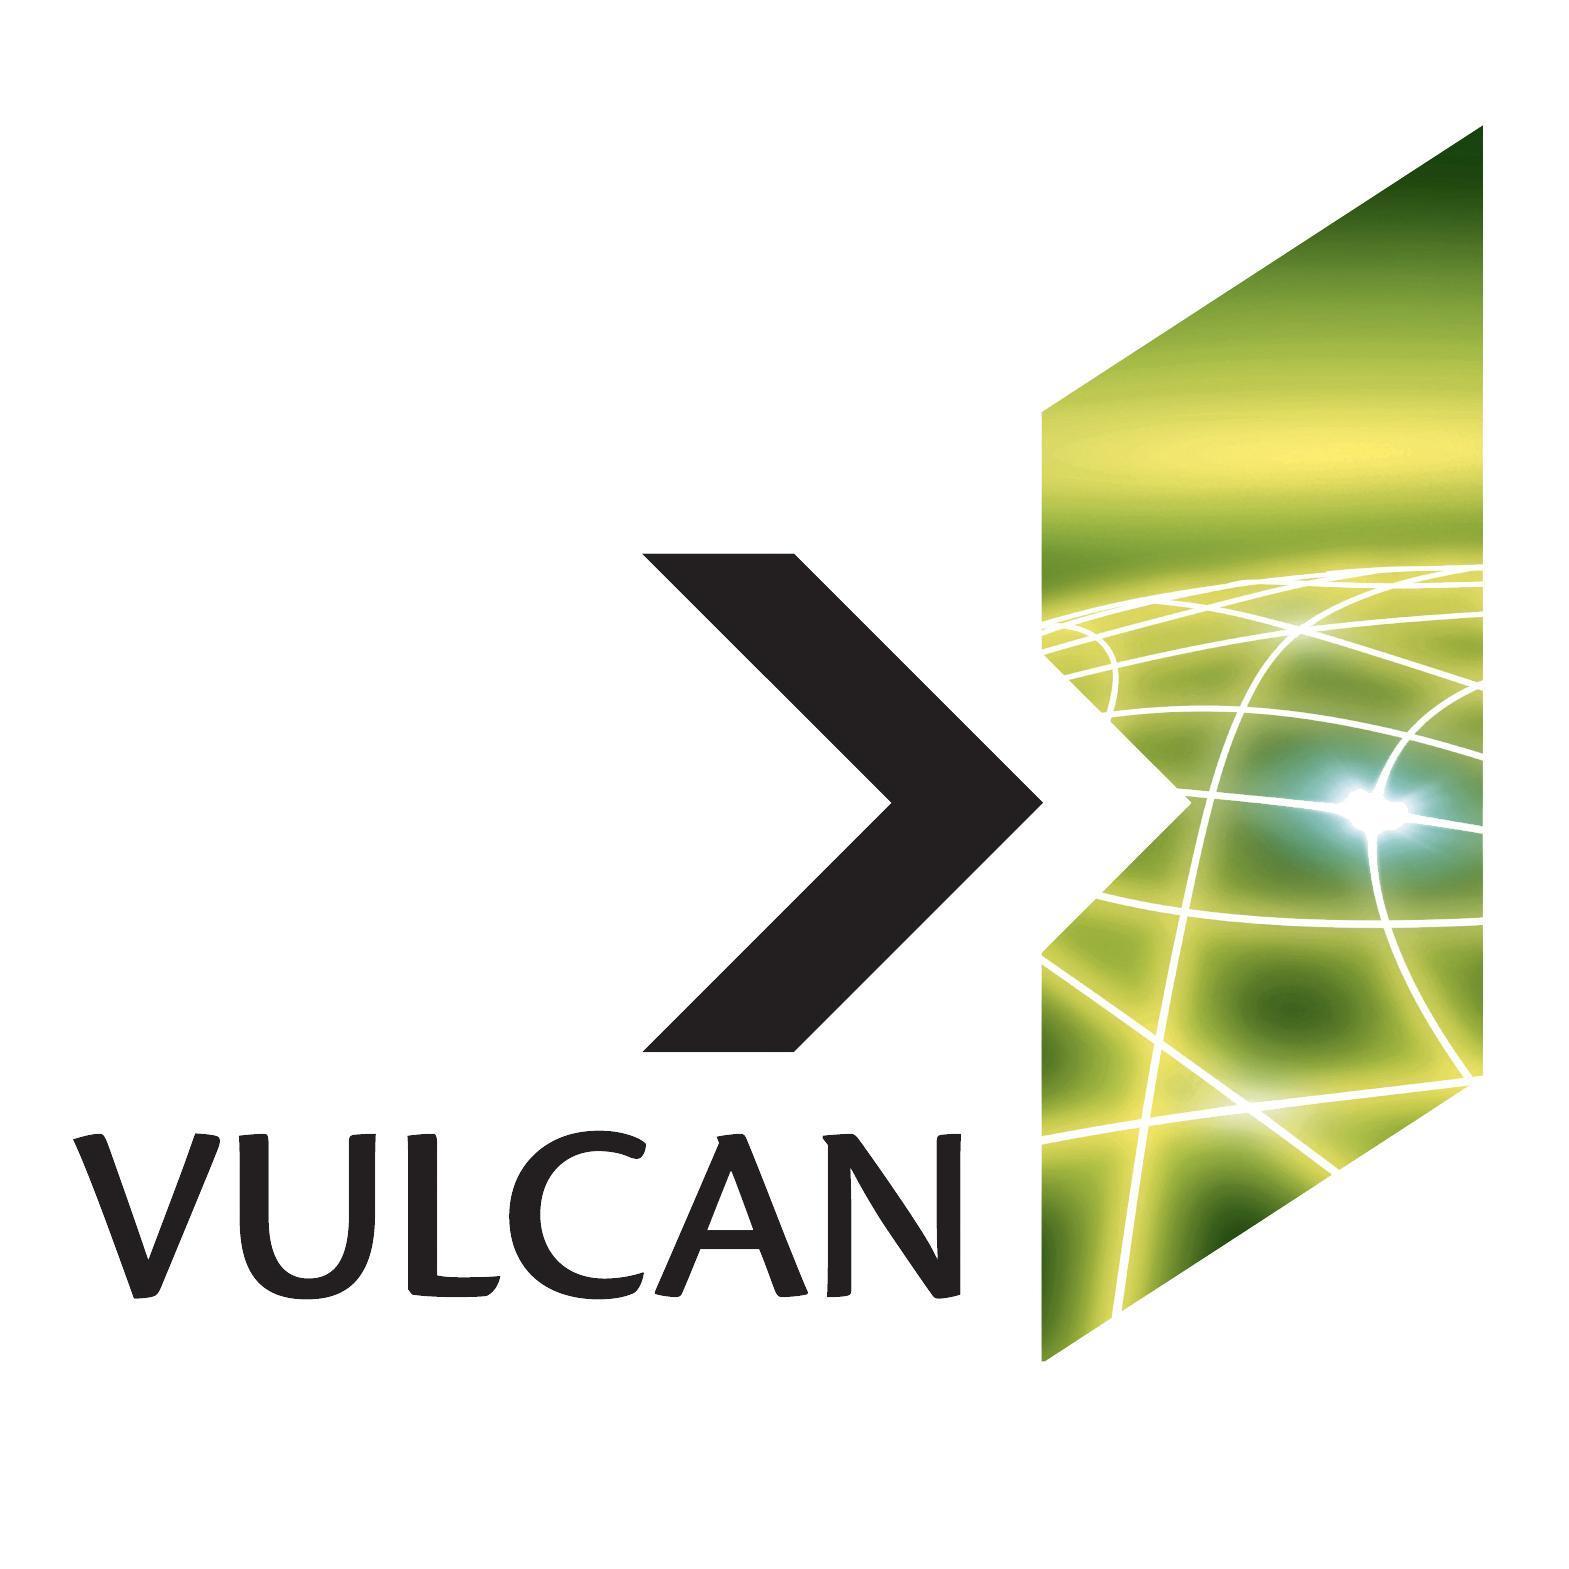 Vulcan.jpeg